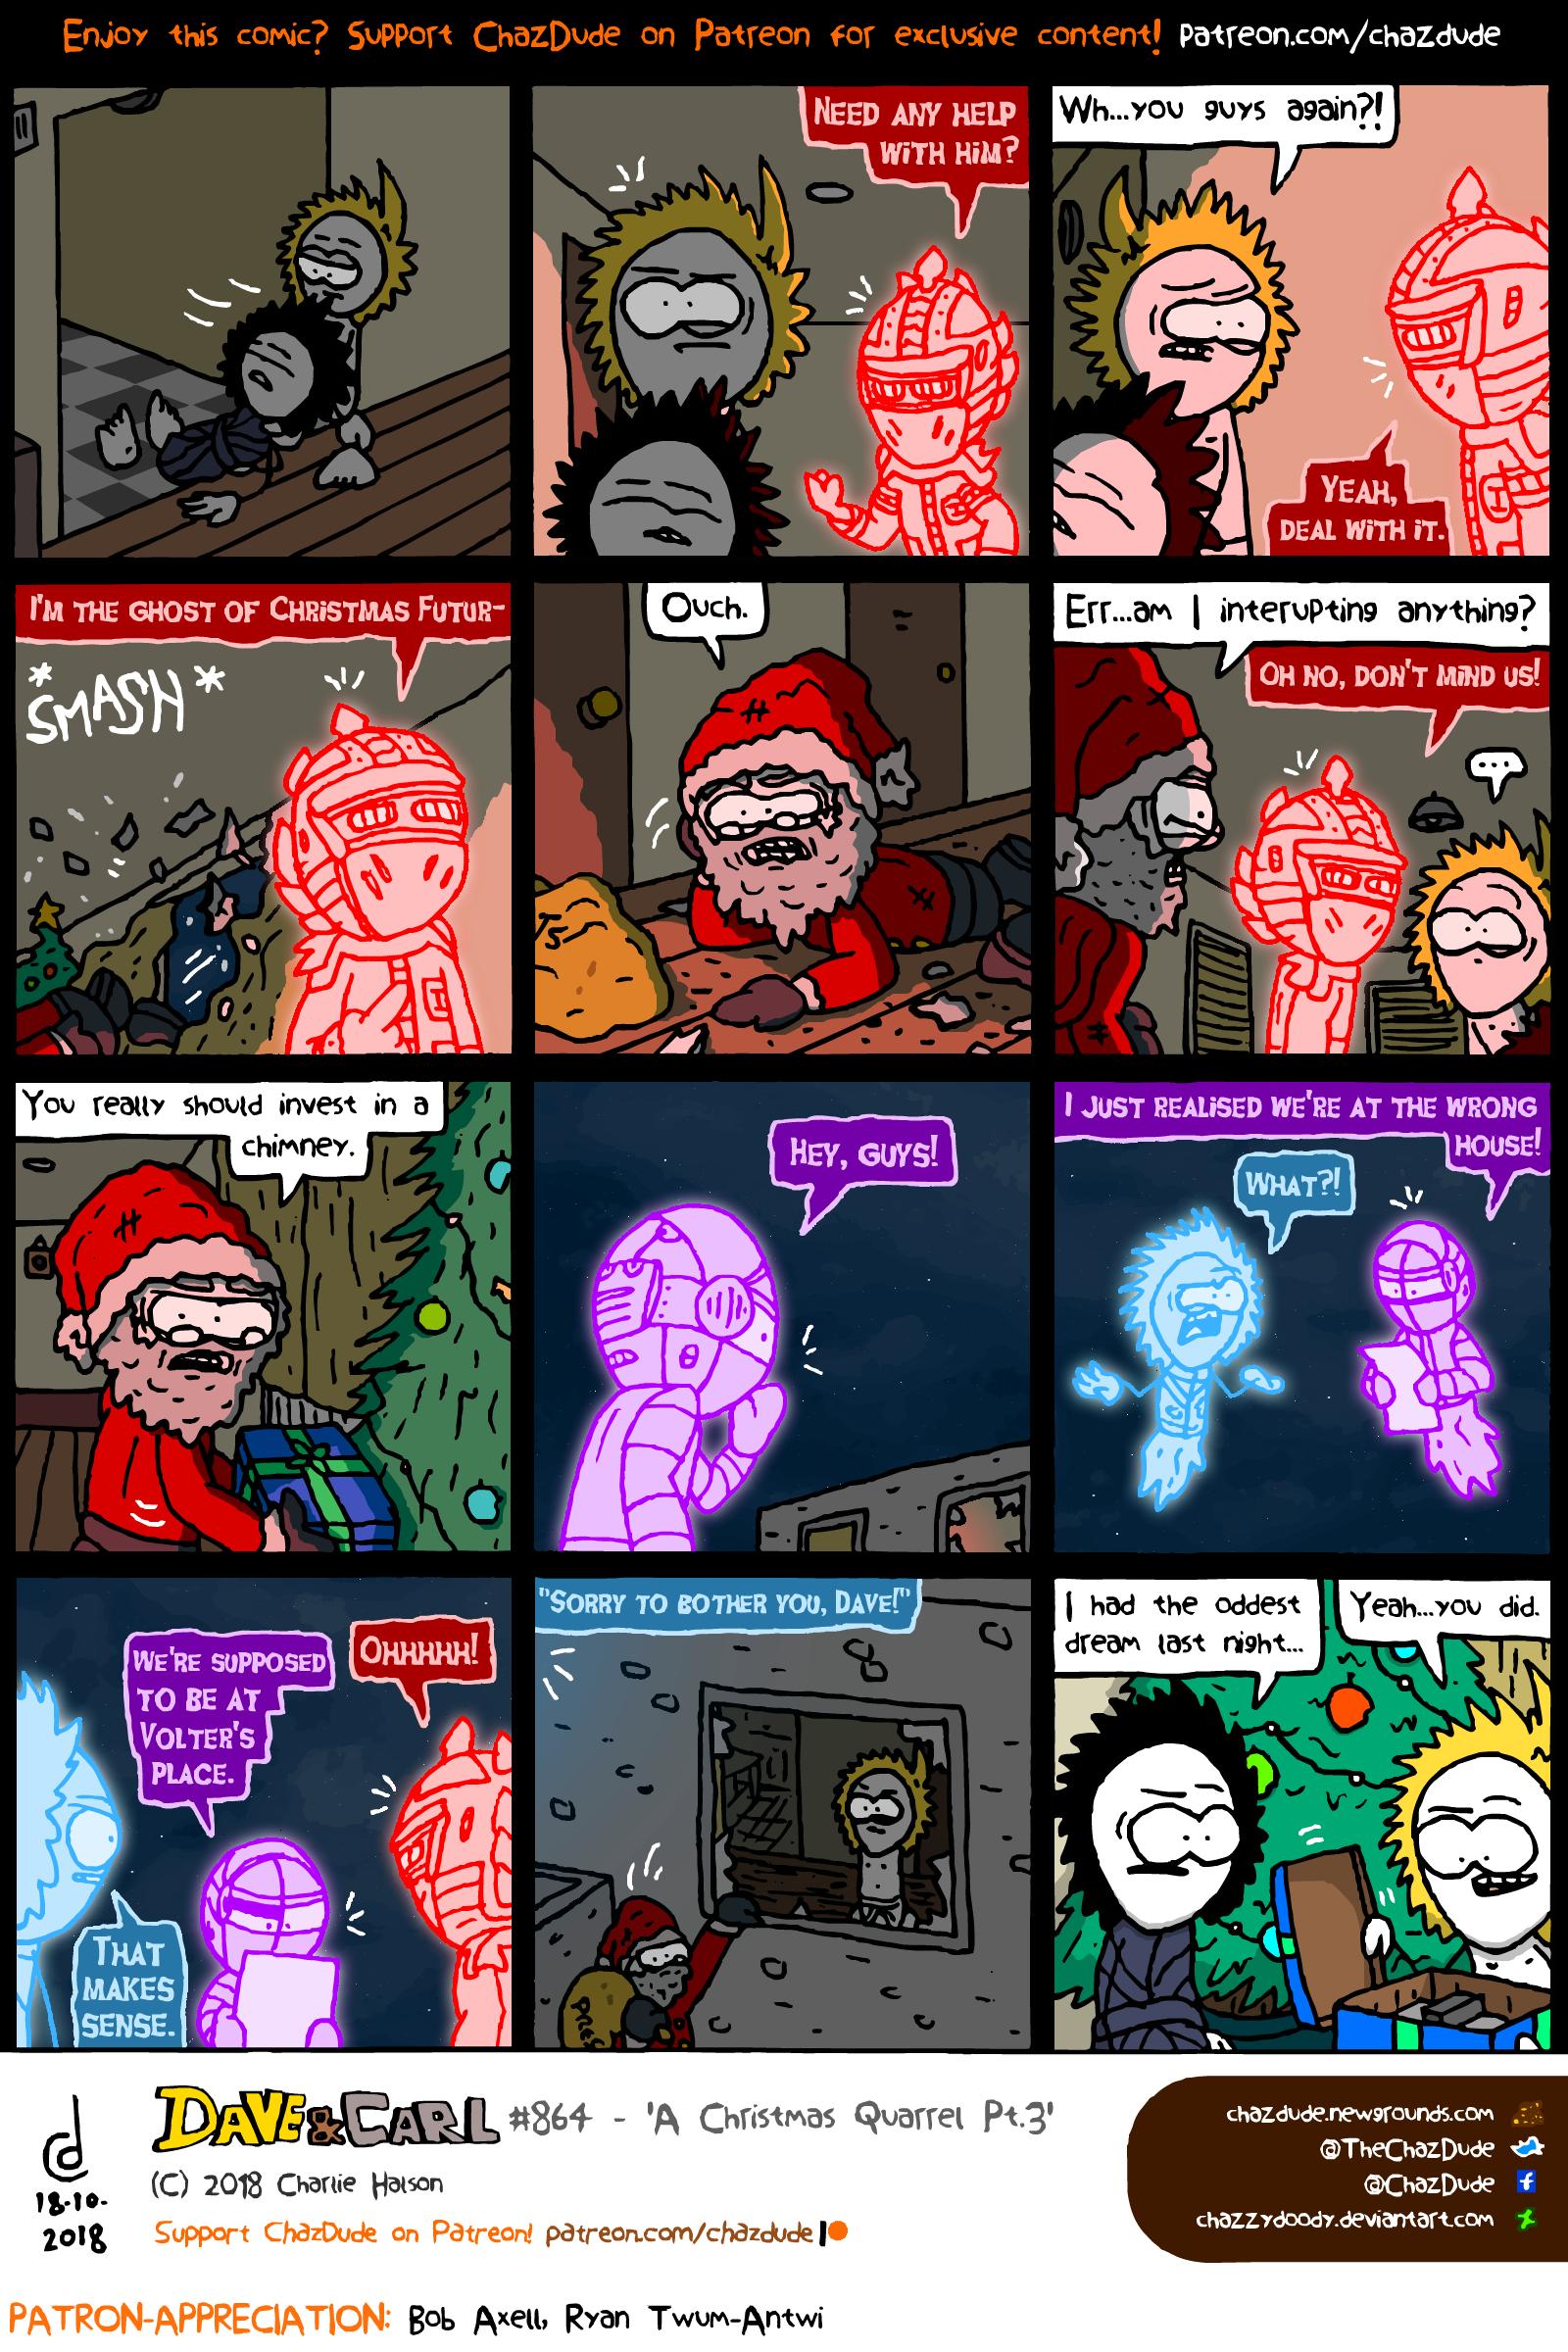 A Christmas Quarrel Pt.3